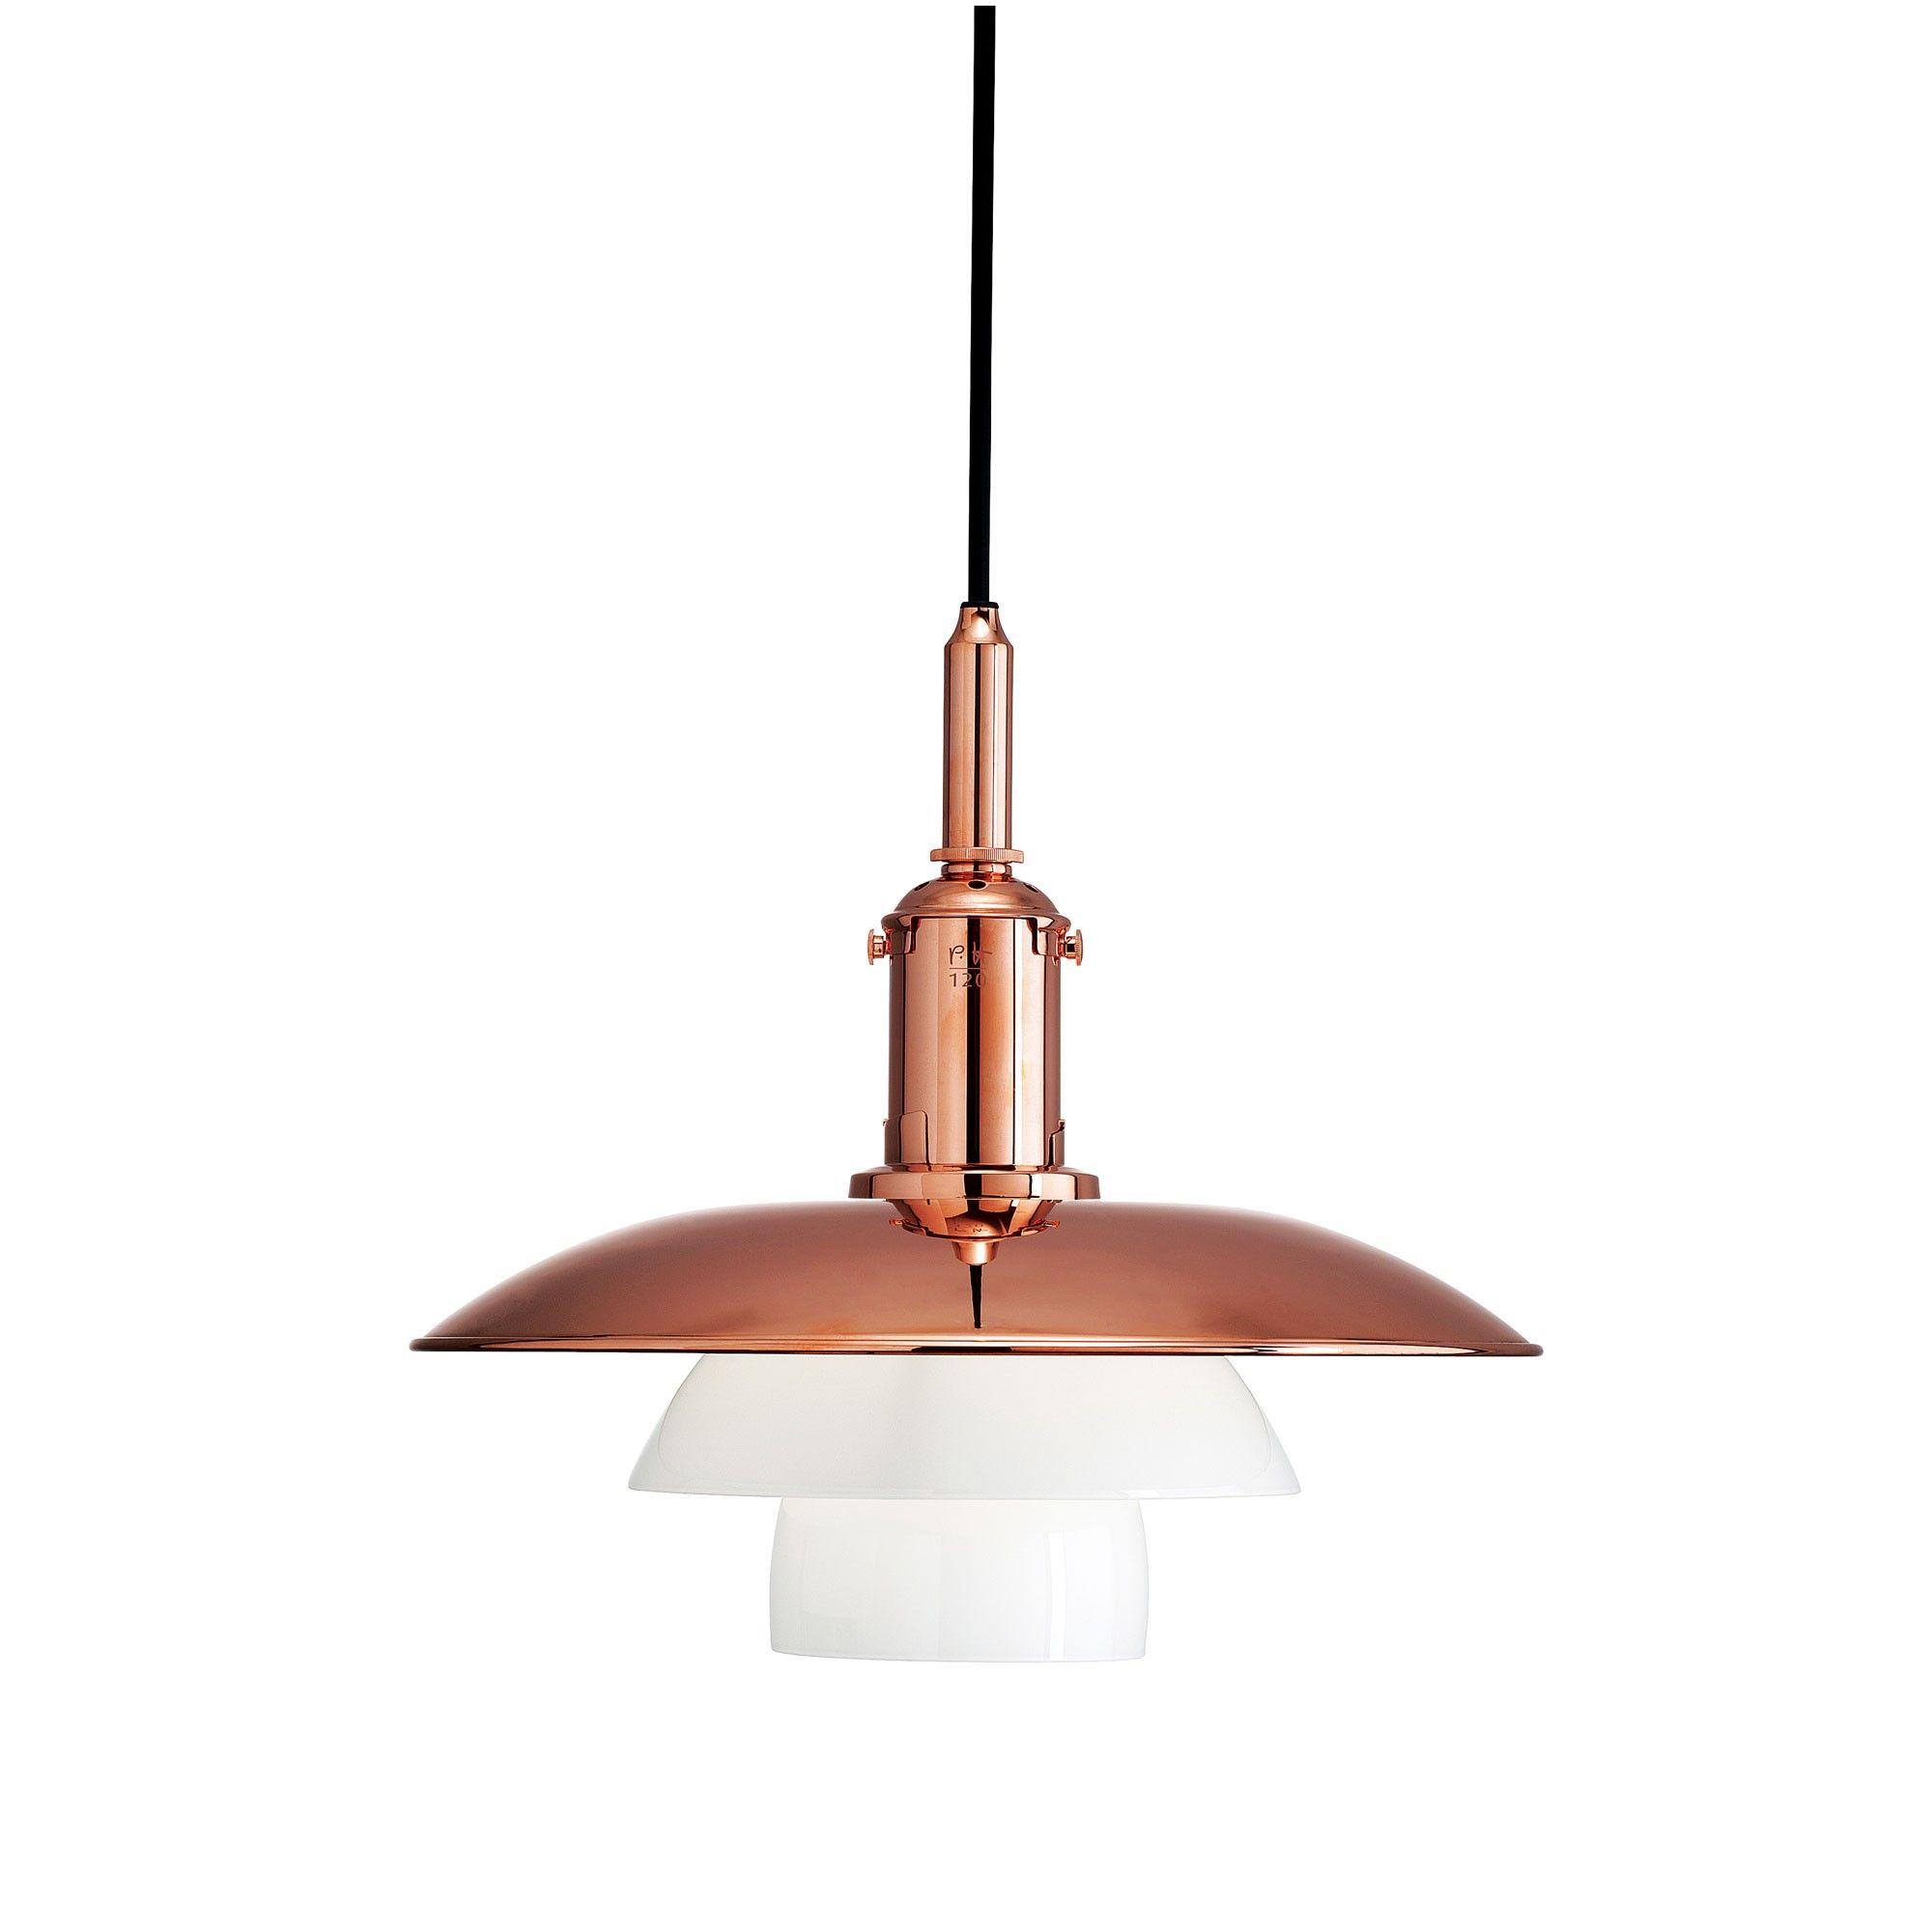 Louis Poulsen Lampe Limited Edition